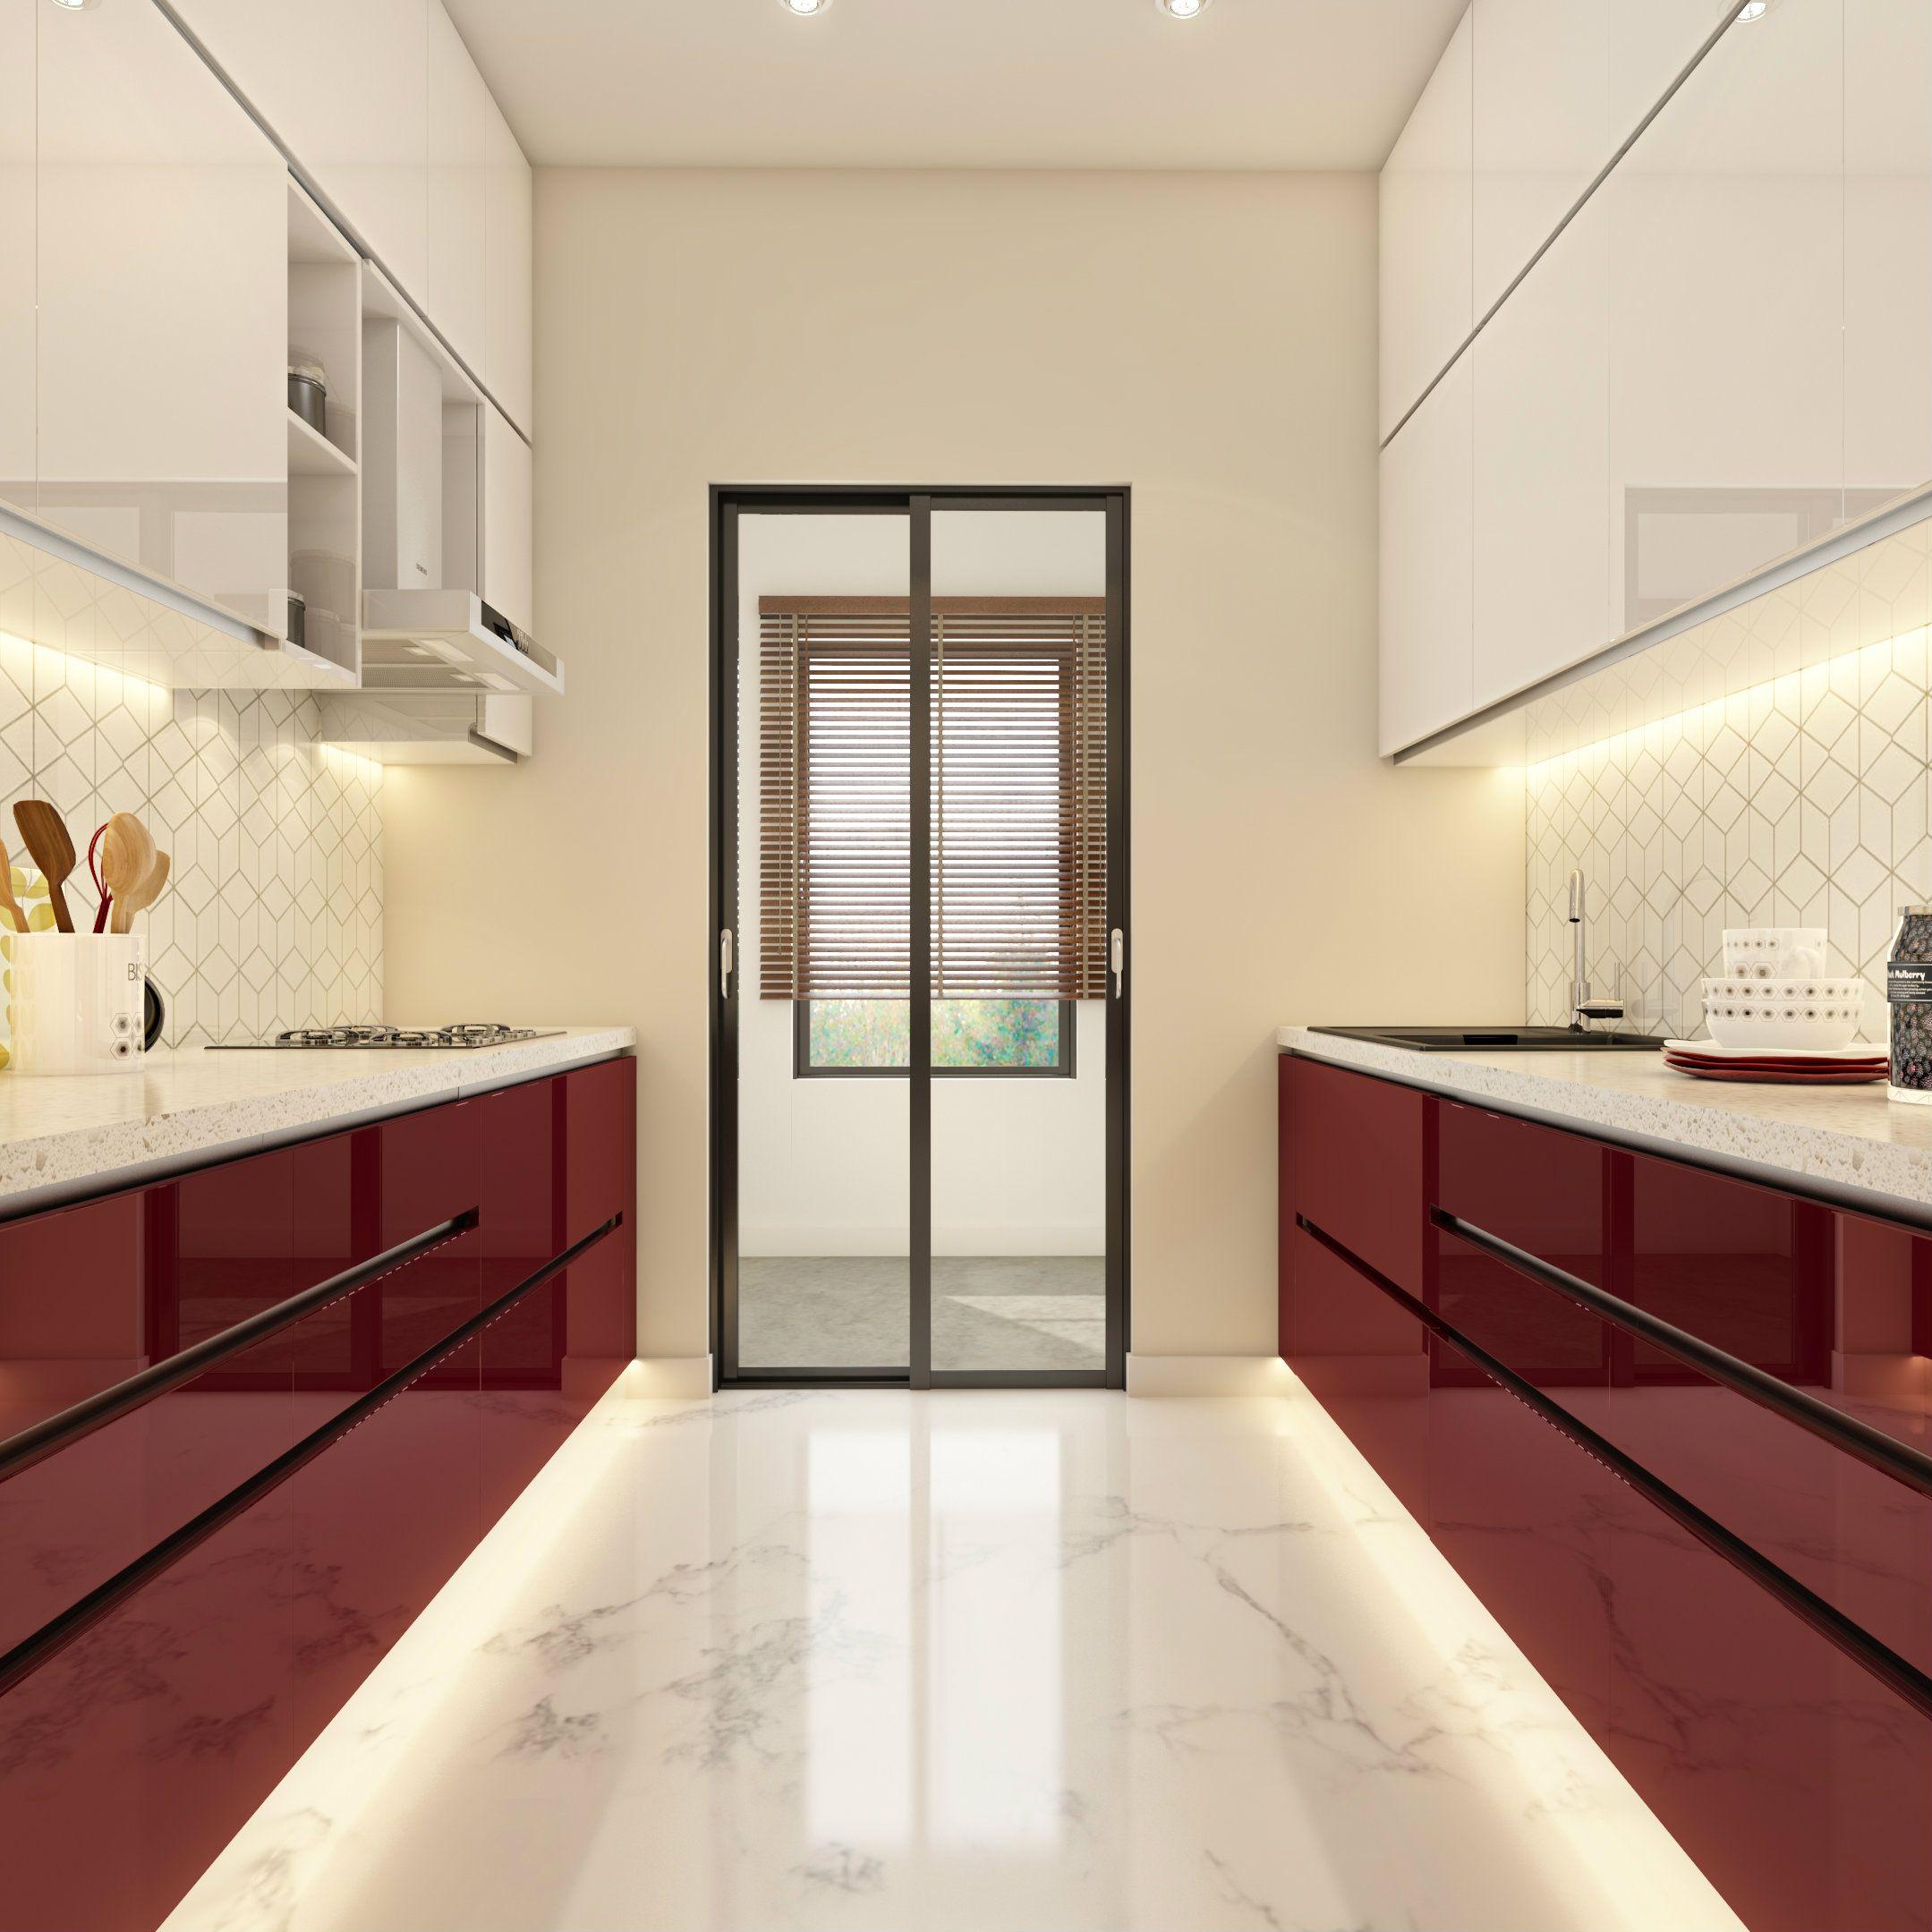 Pin on Modular Kitchens Design